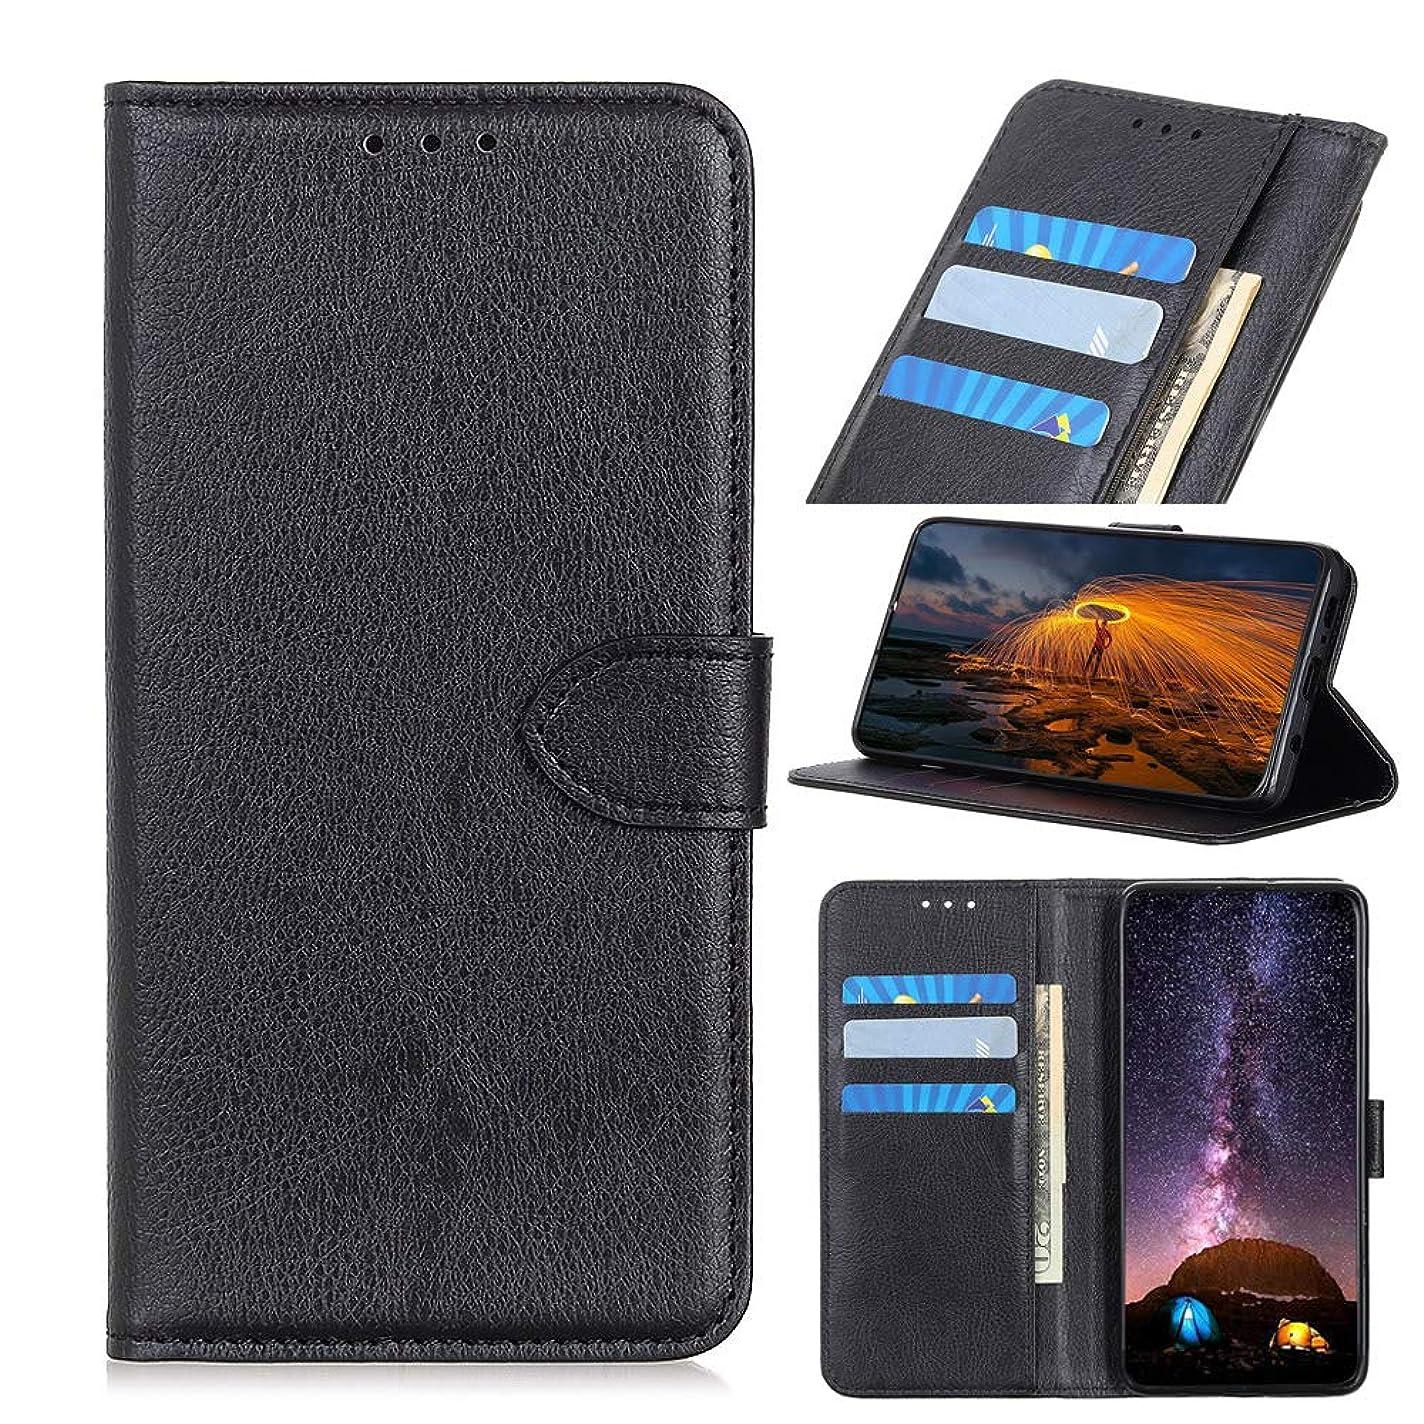 強度健康購入Scheam ケース 手帳型 合皮レザー 為にAsus ZenFone Max Pro M1 (ZB601KL ZB602KL), 高級PUレザー 財布型 カード収納 マグネット スタンド機能 付 き スマホケース, ブラック